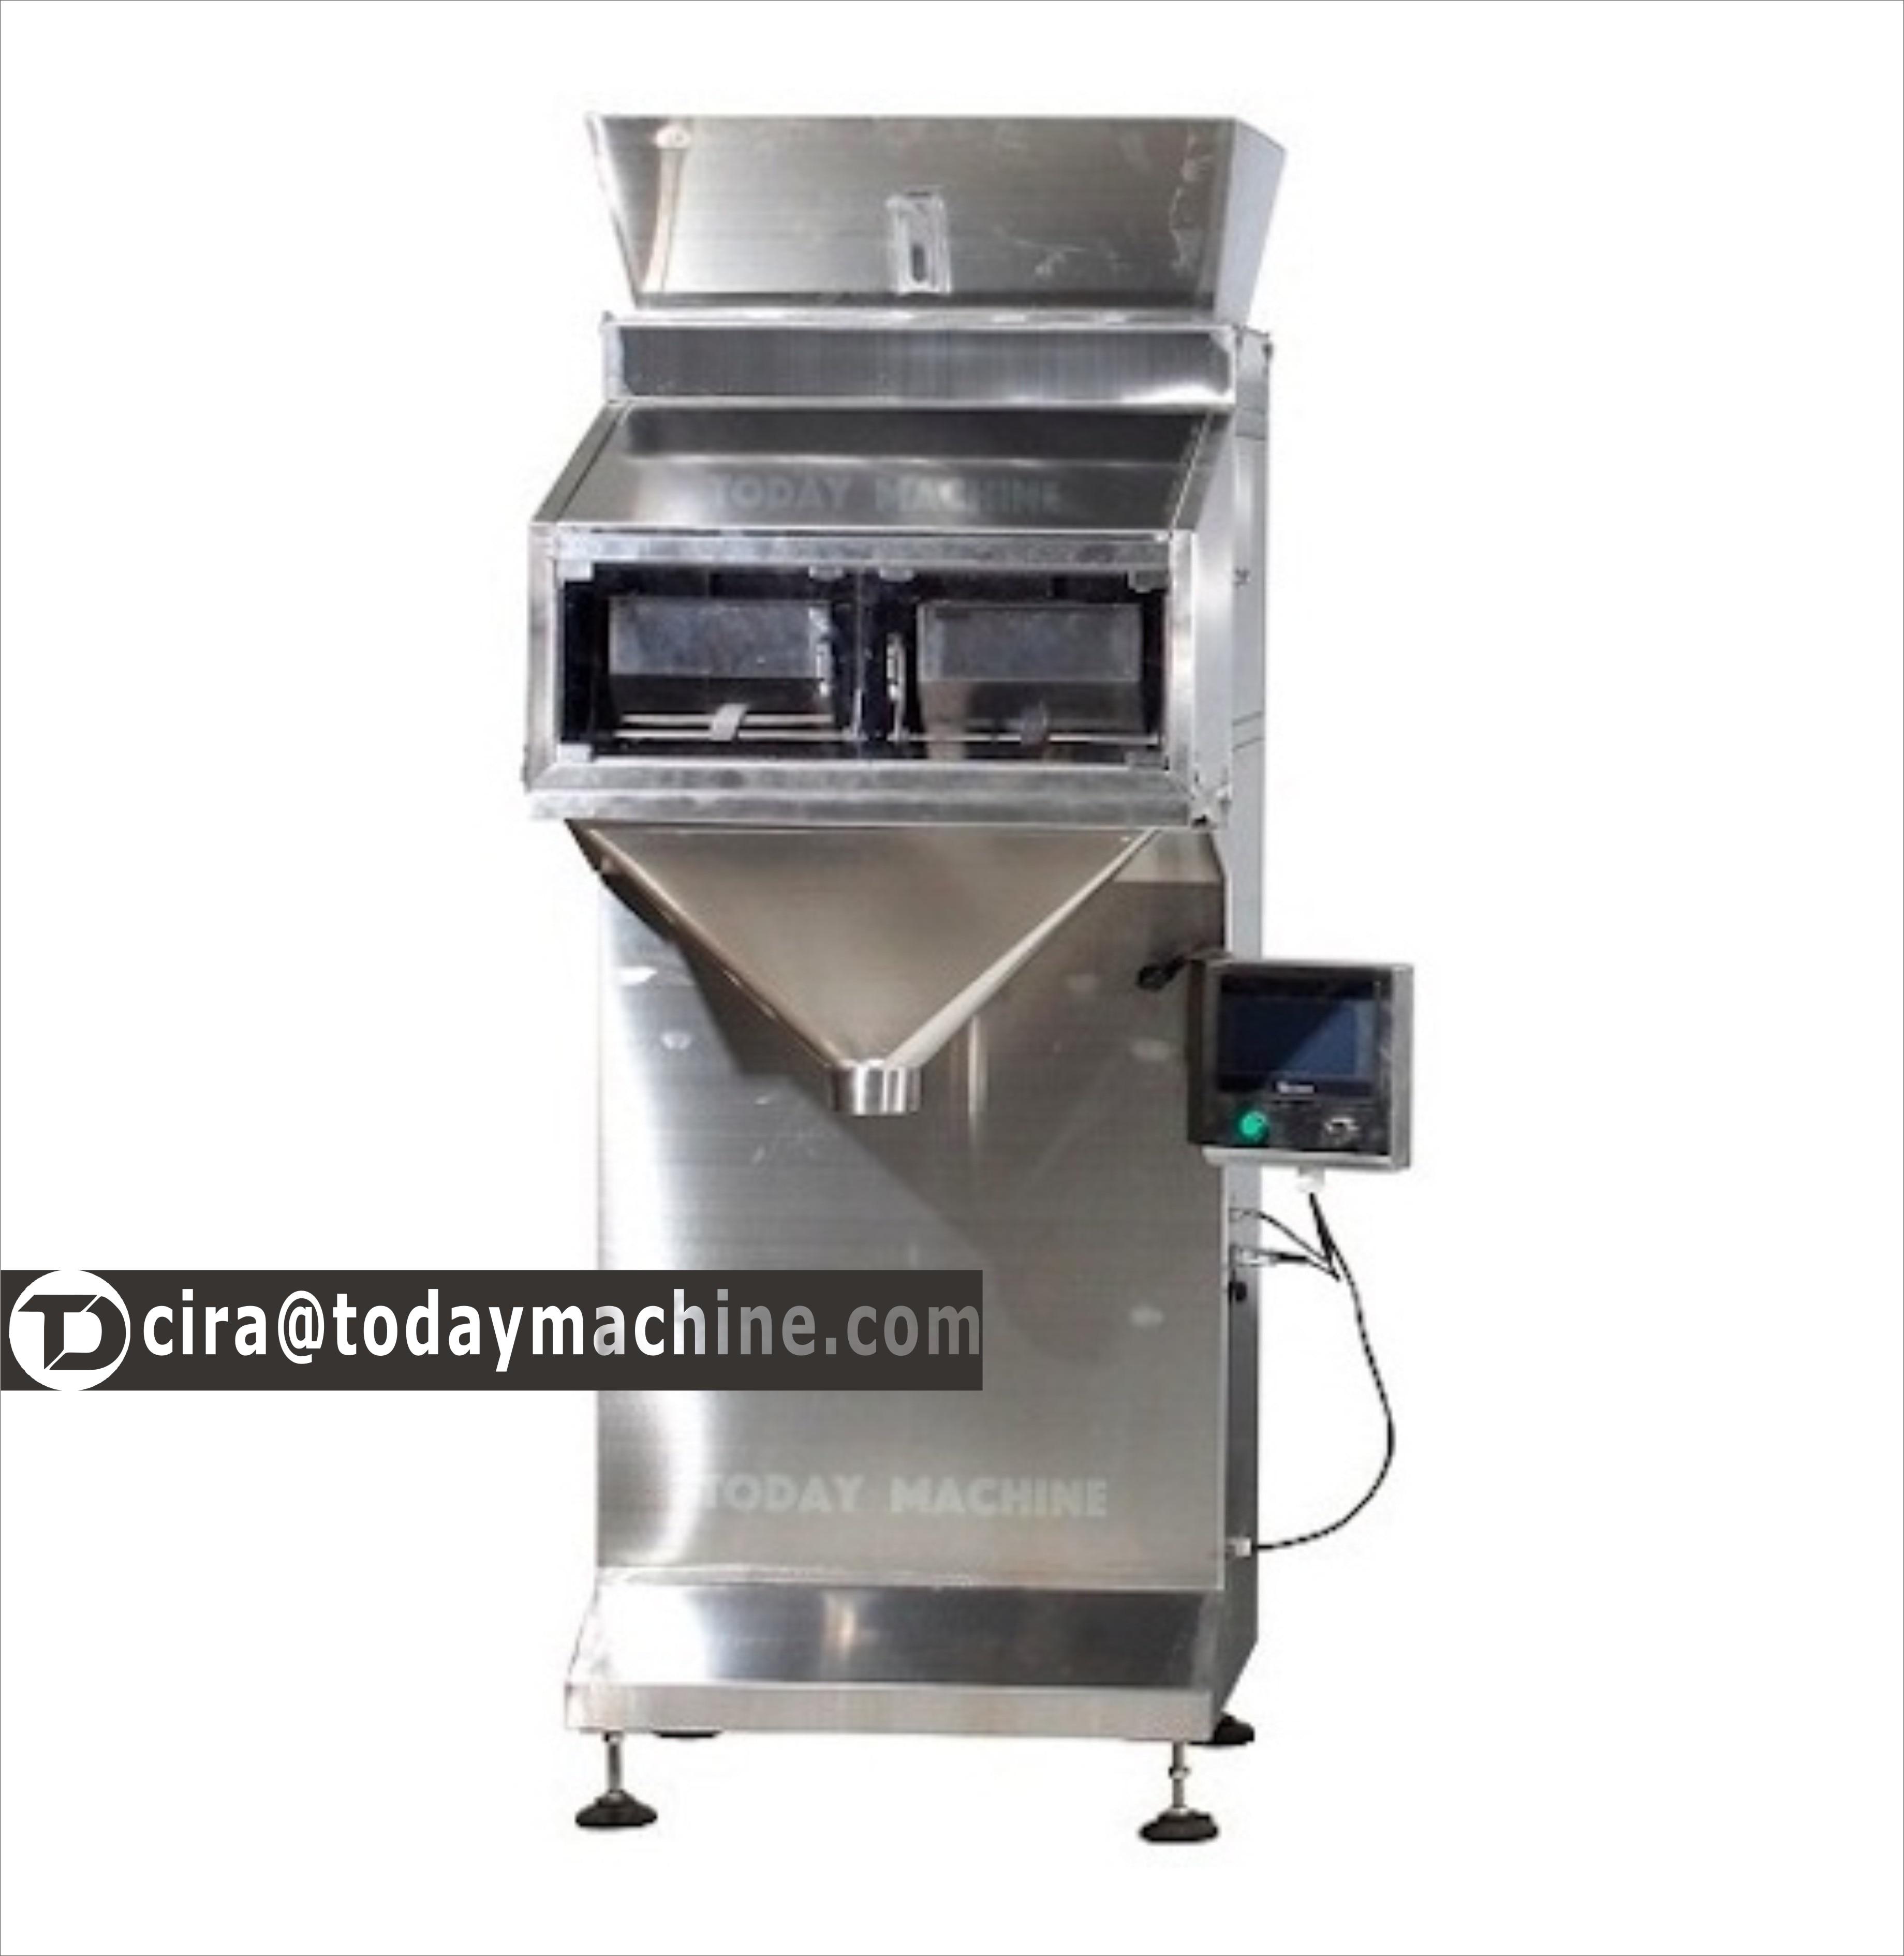 CBD Best Price 20-999g Large-scale Of Quantitative Machine, Semi Automatic Powder Filling Machine